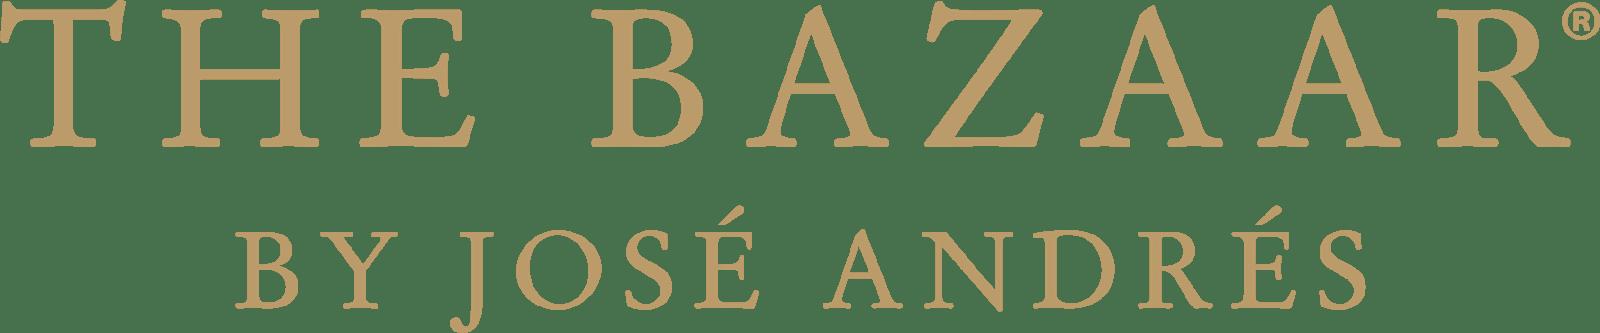 https://images.getbento.com/37ZWJGu3SQSoLxNQWml9_Bazaar_Logo_Color.png